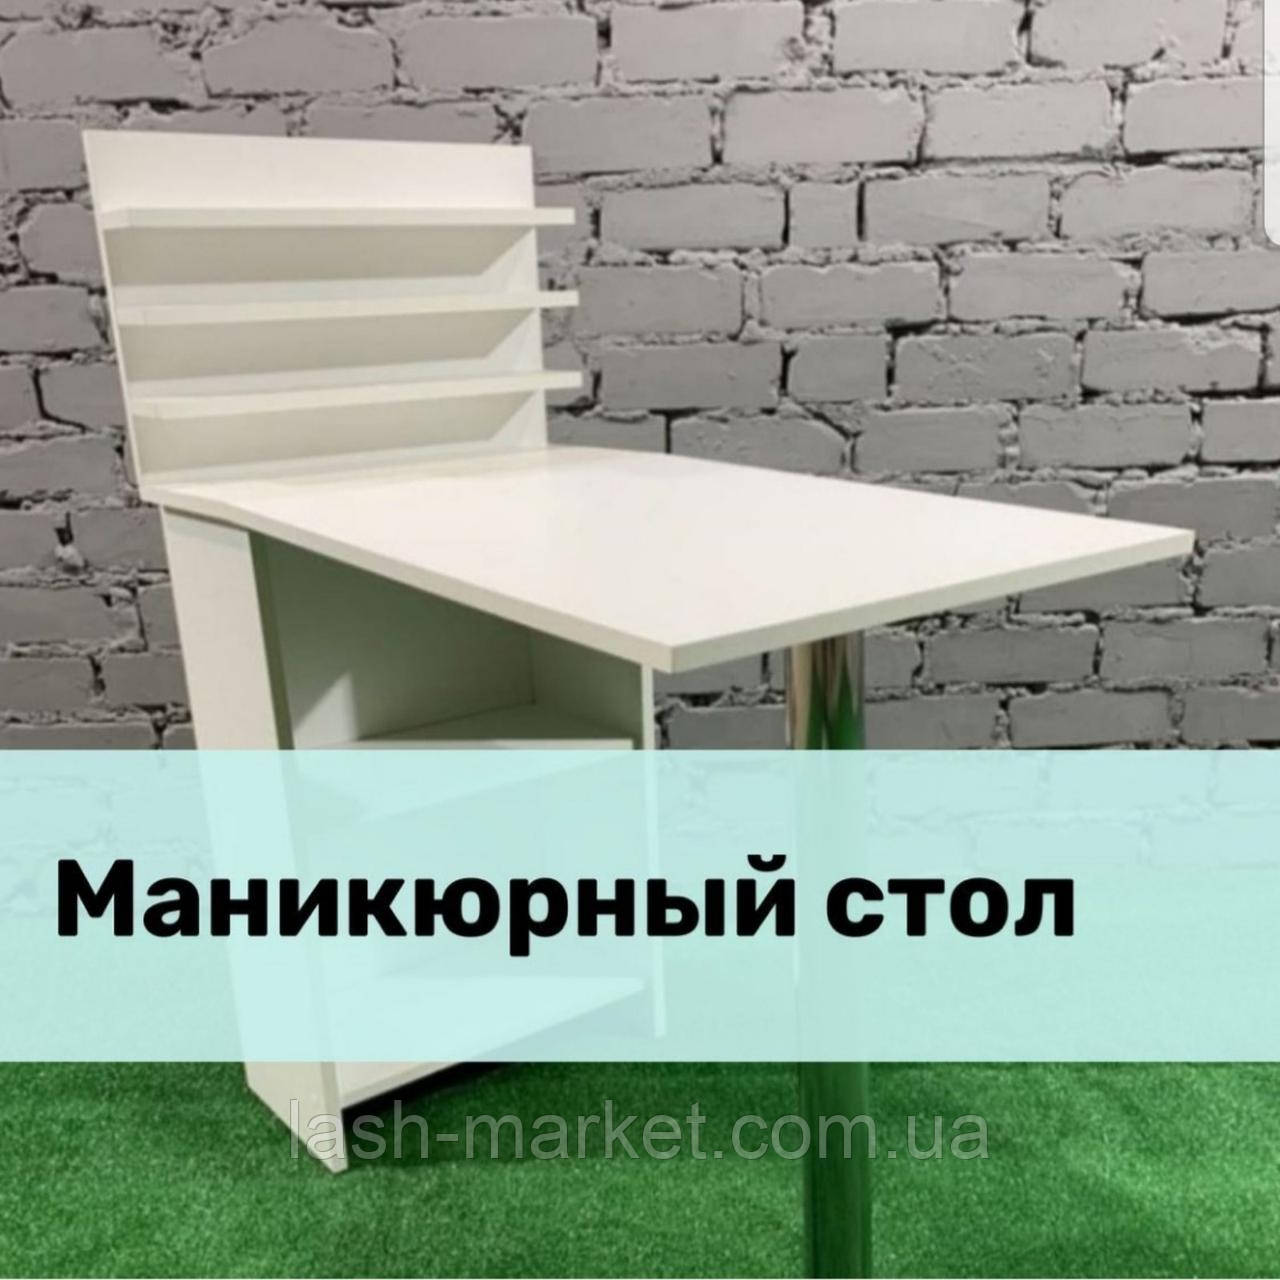 Манікюрний стіл для майстра.